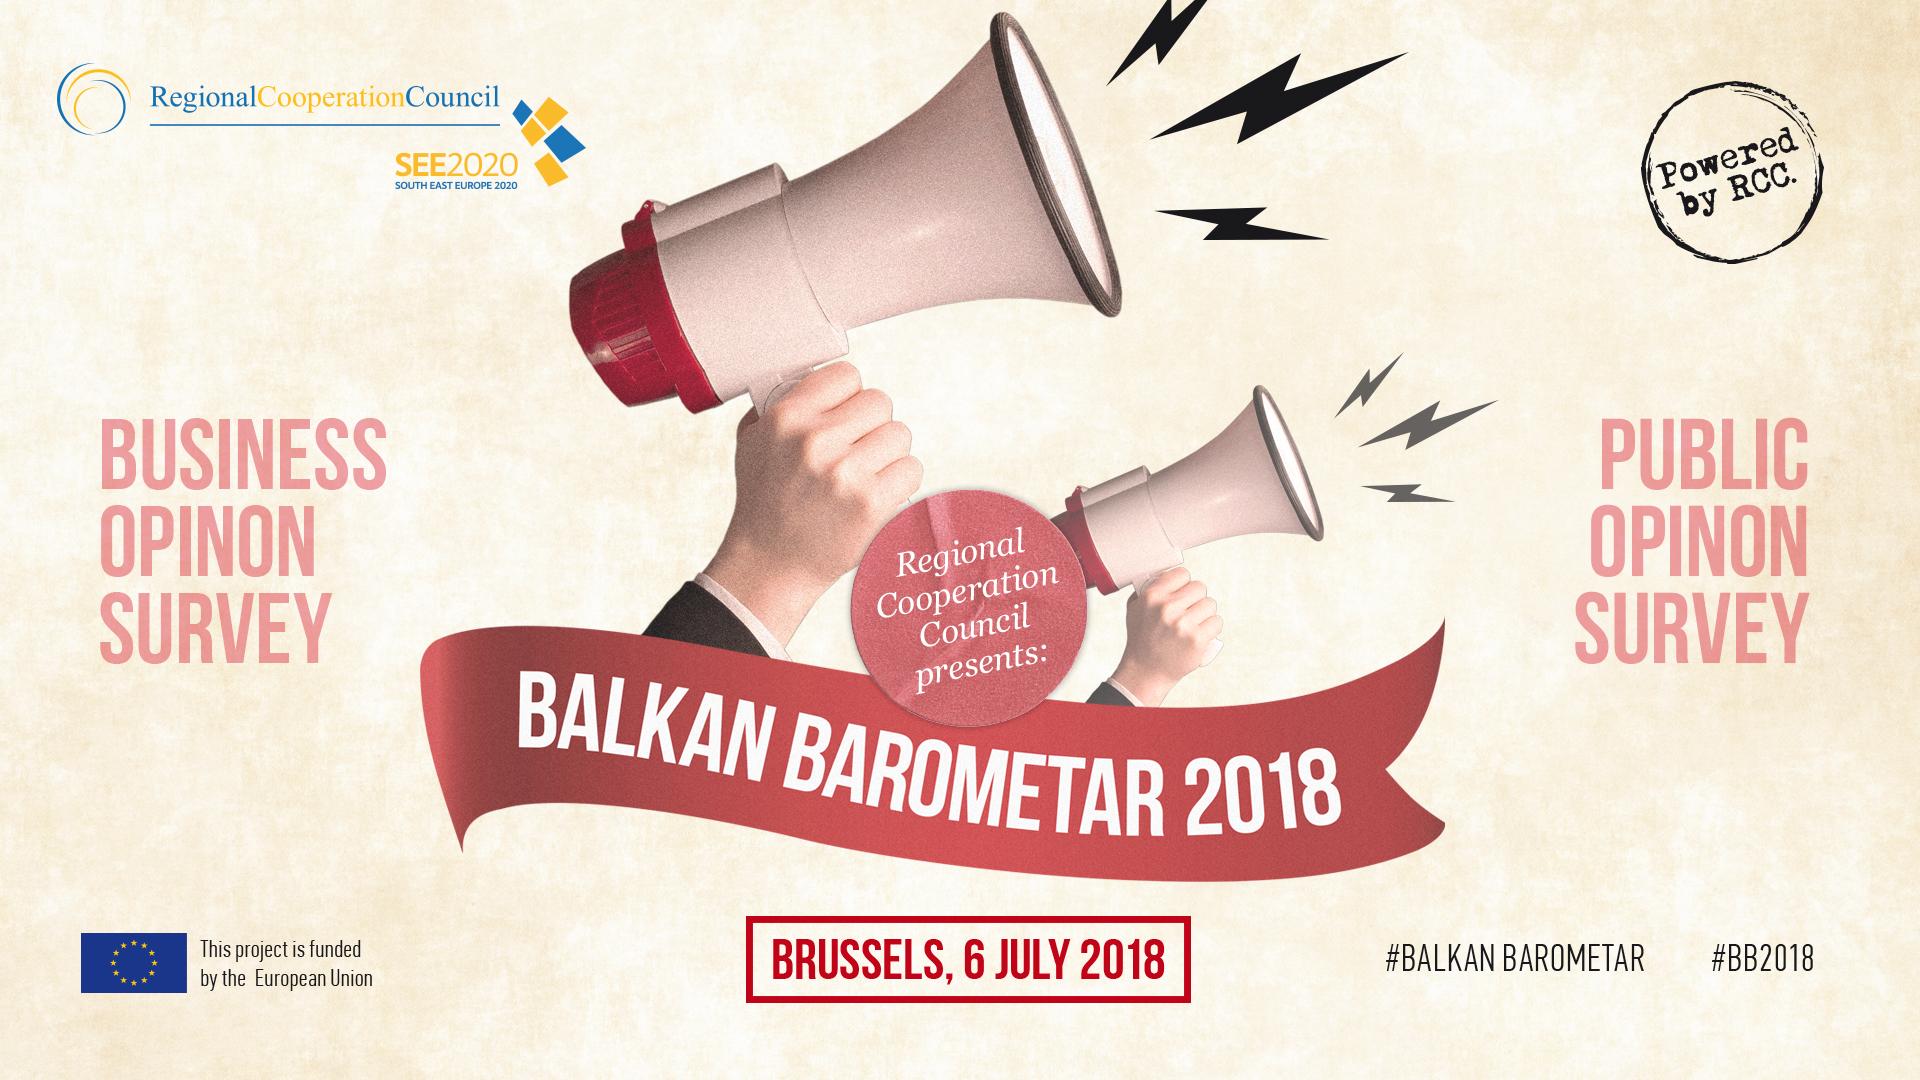 RCC Presents Balkan barometer 2018